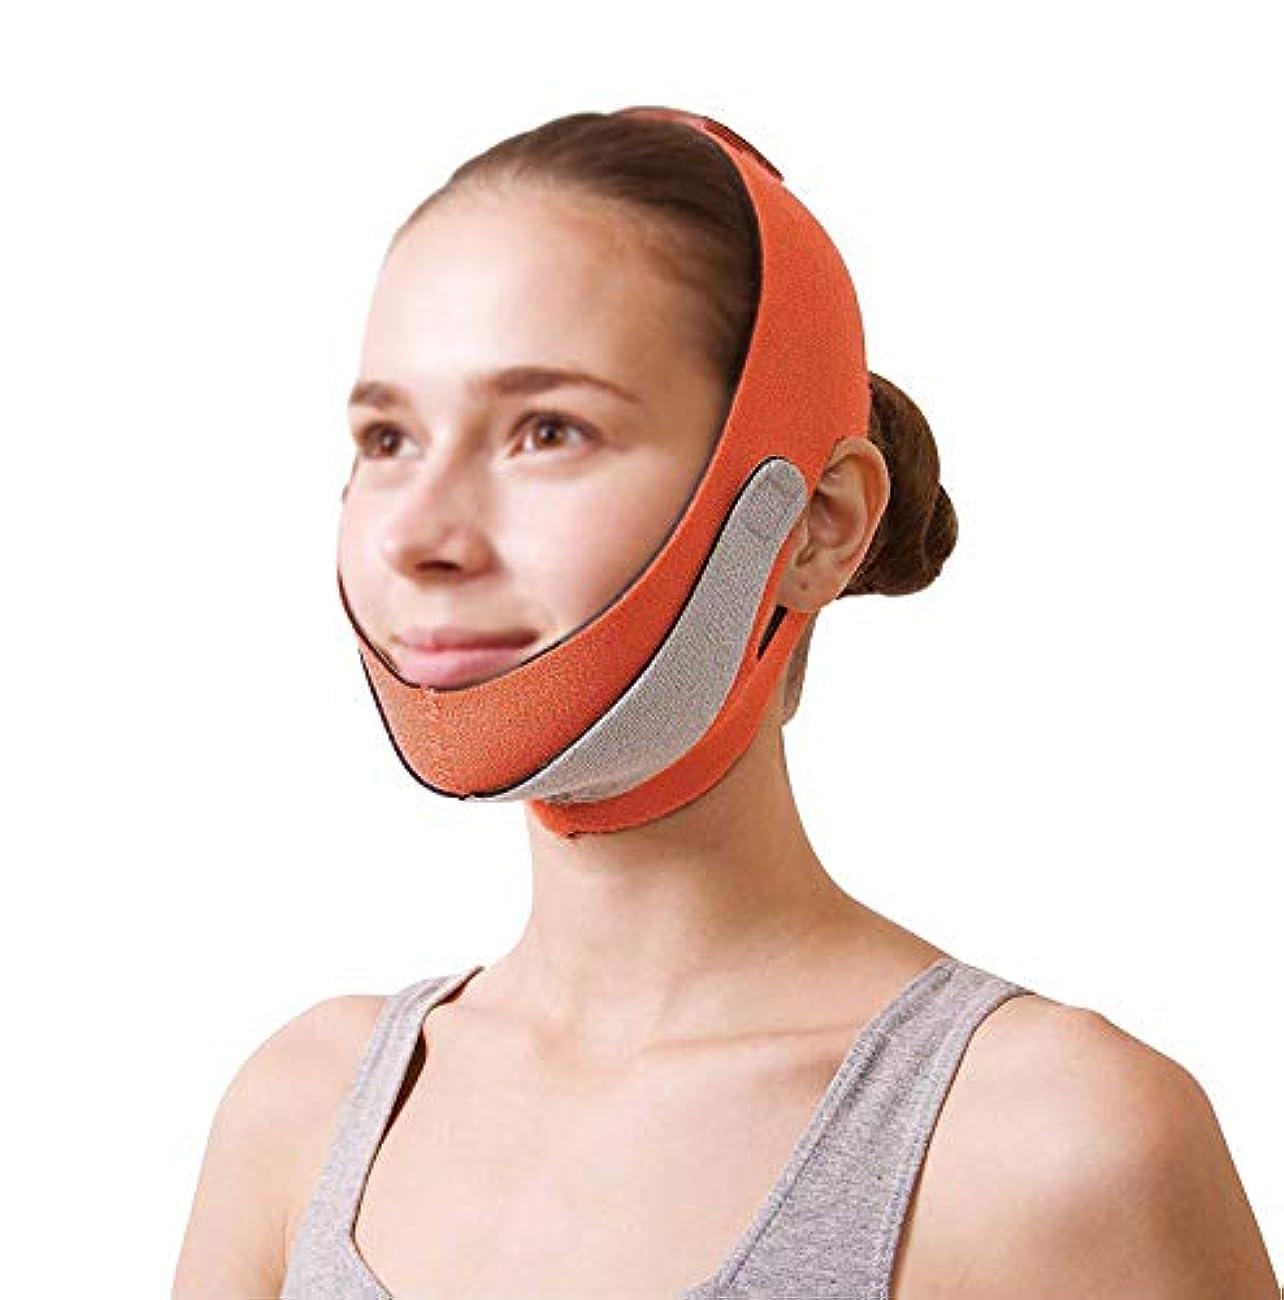 シェーバー緩やかな重力TLMY 薄いフェイスマスクあごストラップ回復パッチ包帯ヘッドマスクフェイシャルマスクフェイシャルマスクアーティファクト美容フェイシャルとネックリフトオレンジマスク 顔用整形マスク